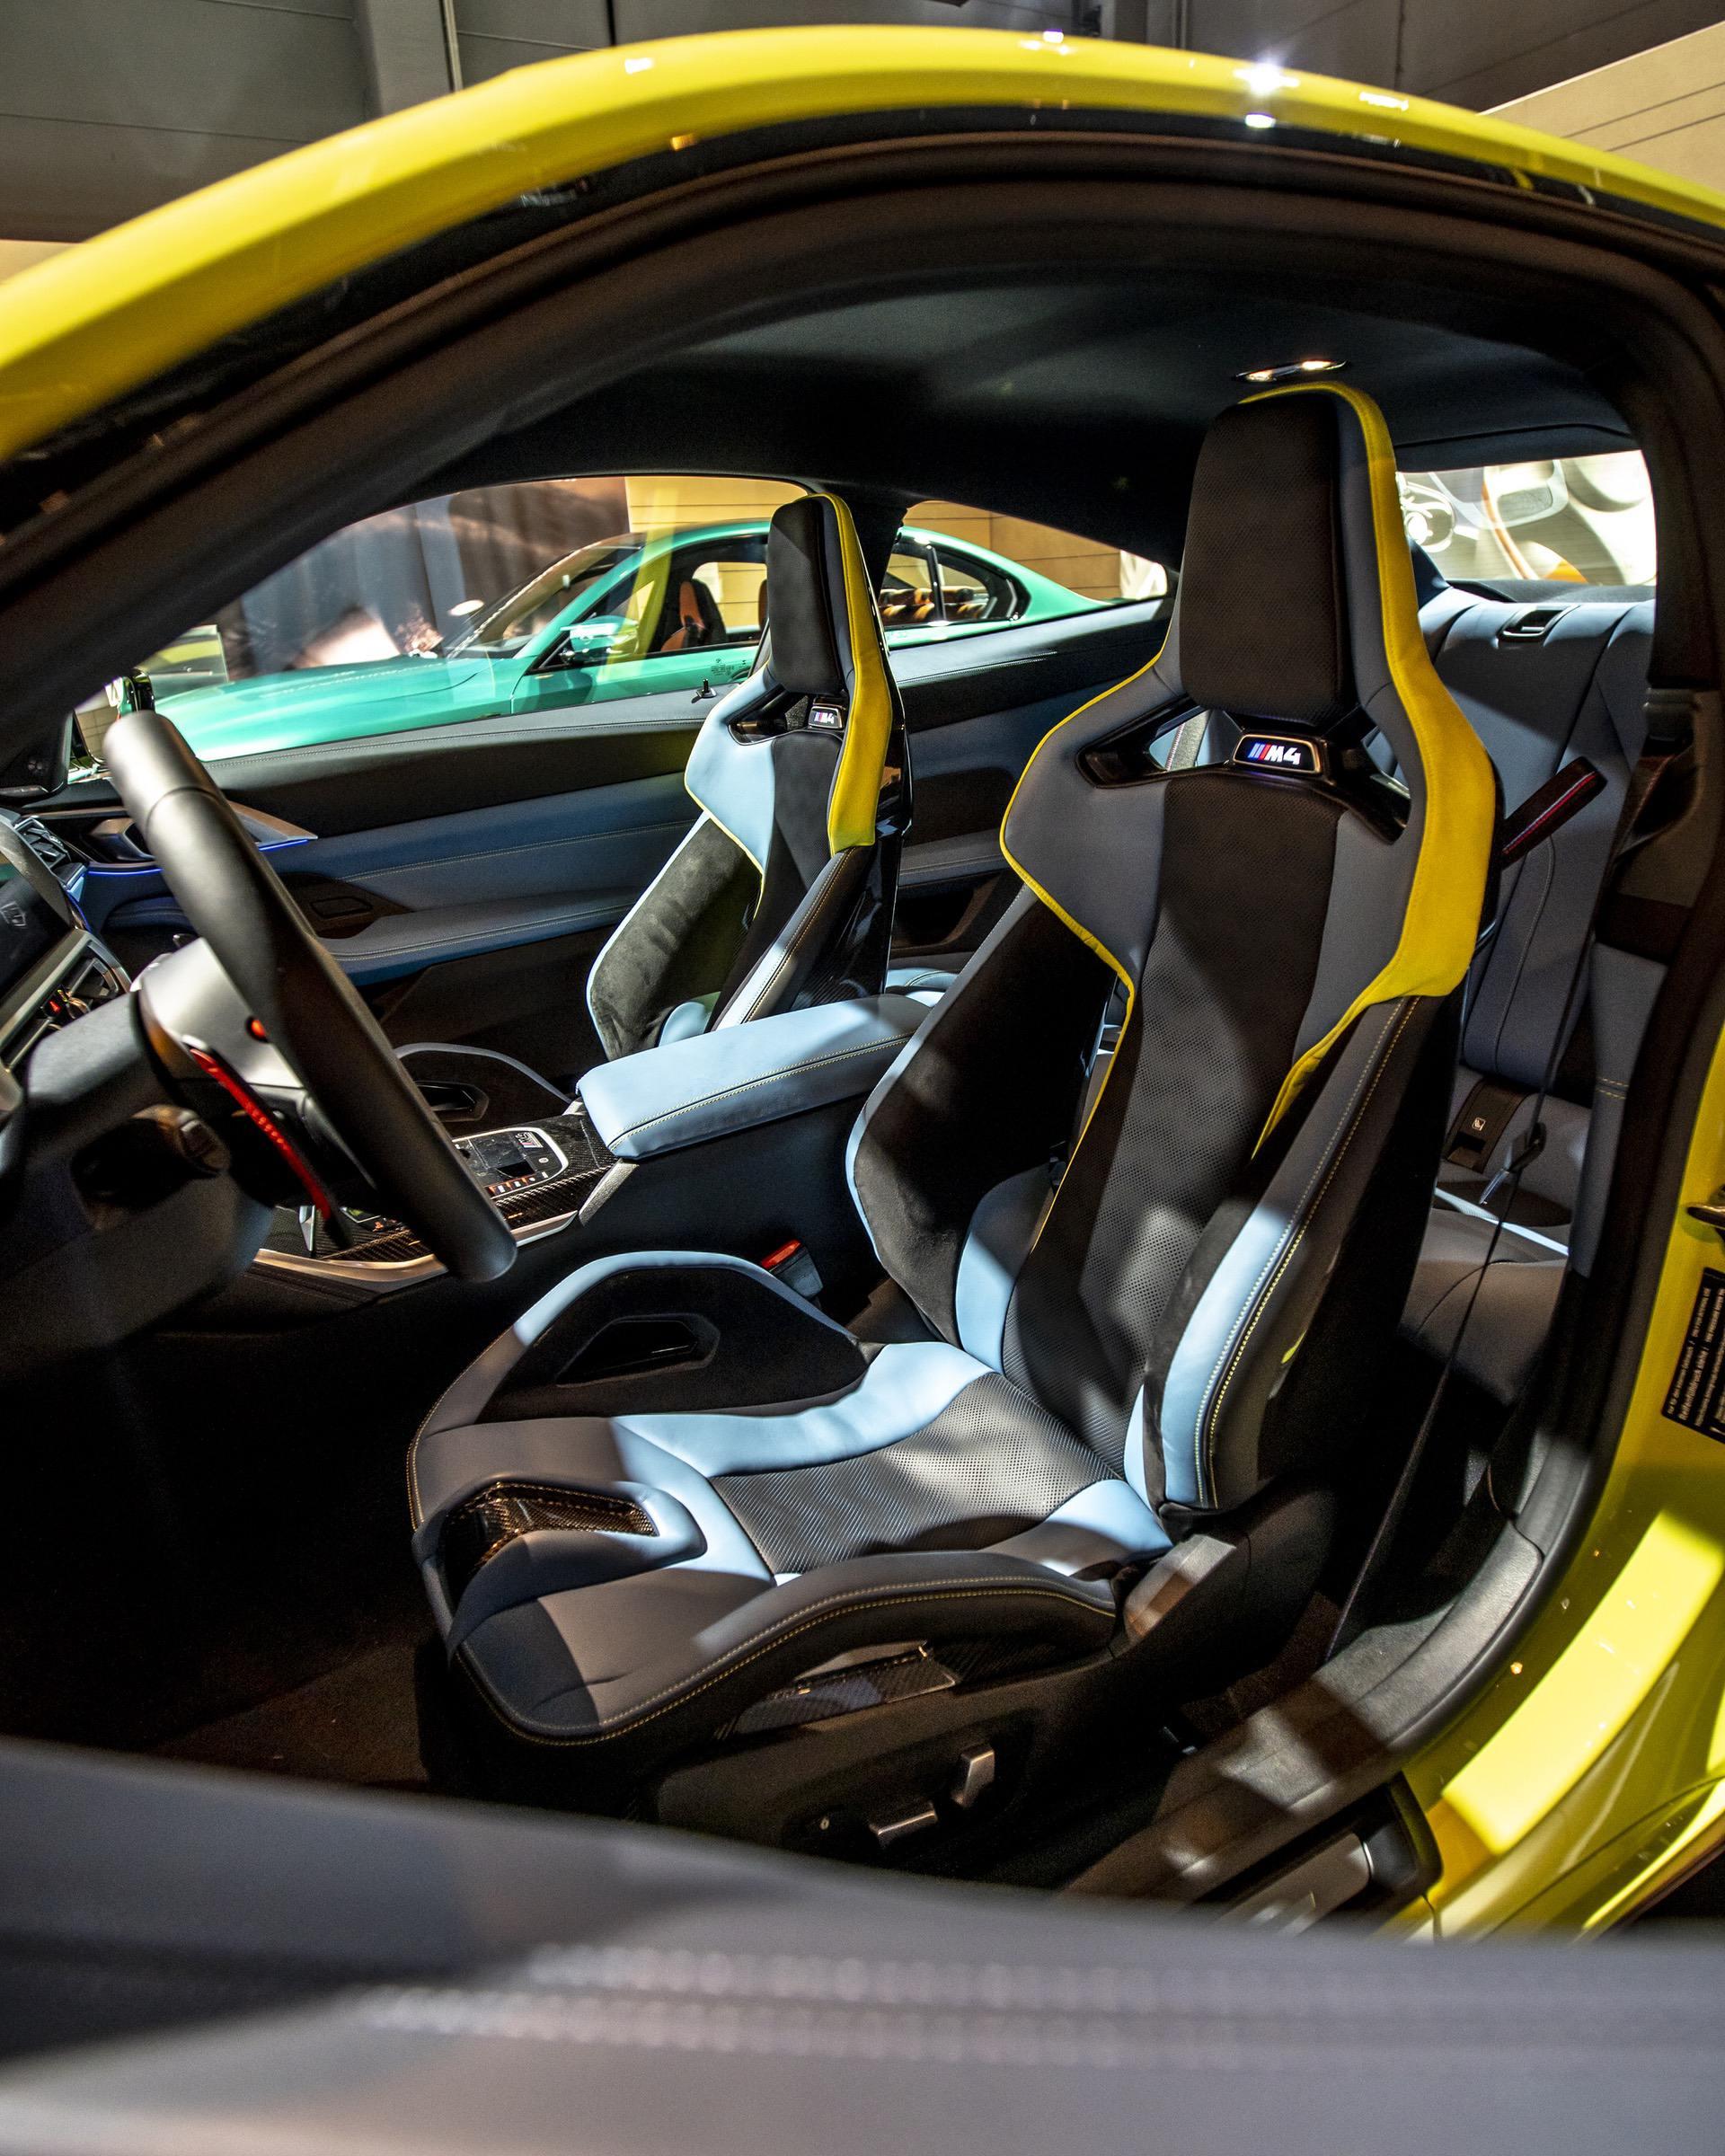 ВИДЕО: BMW детализирует интерьер новых моделей M3 и M4